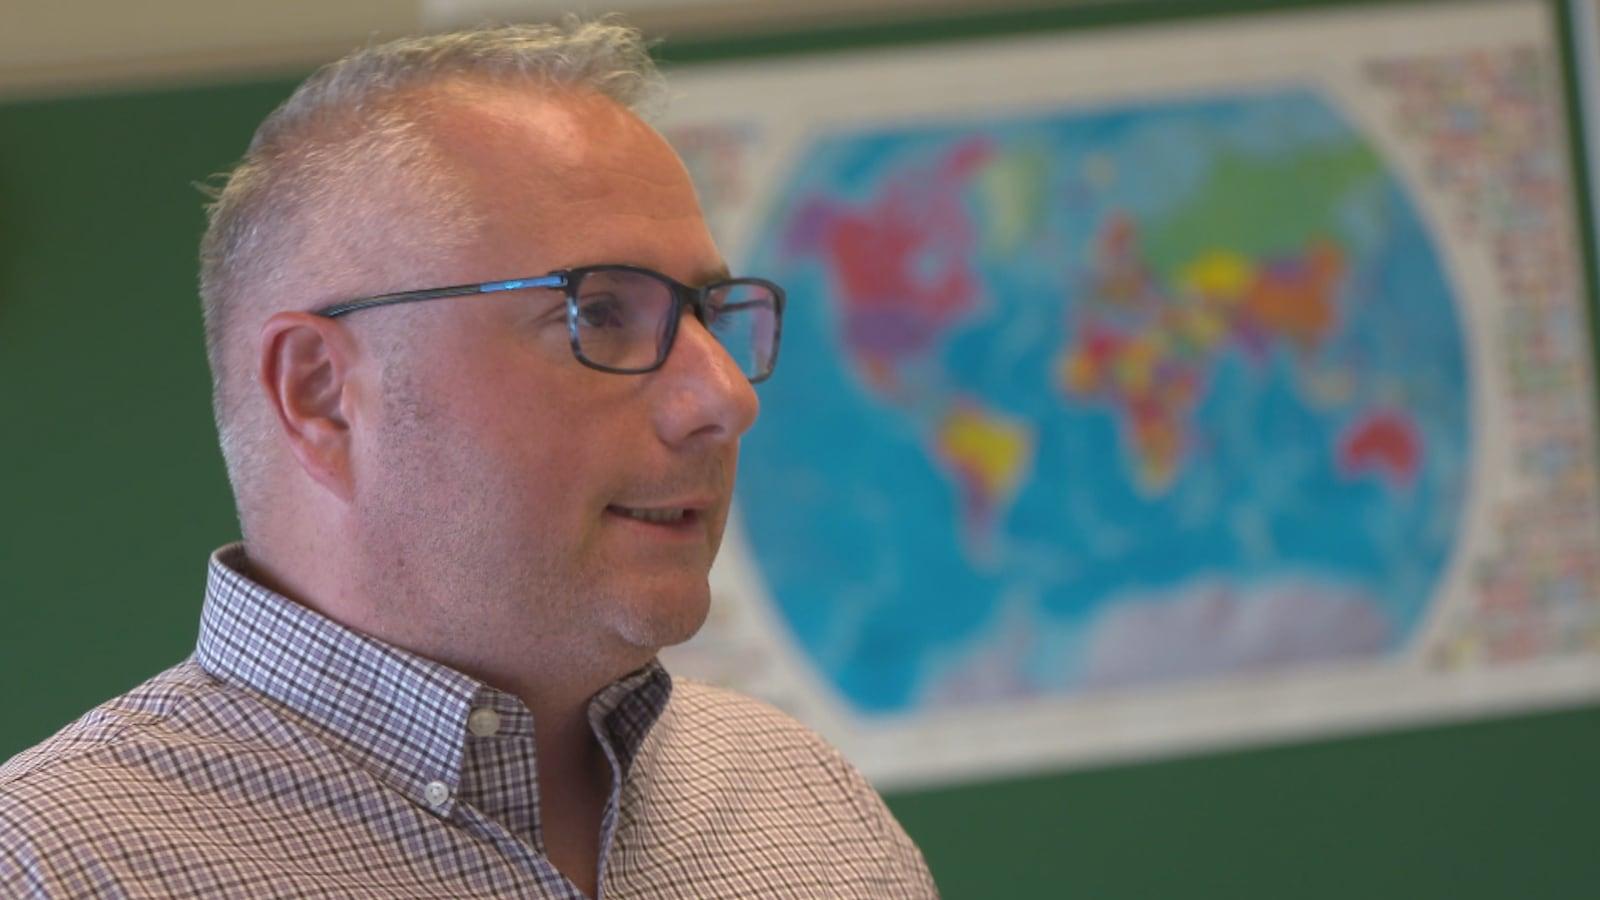 Joël Garneau, une homme avec des lunettes qui porte une chemise